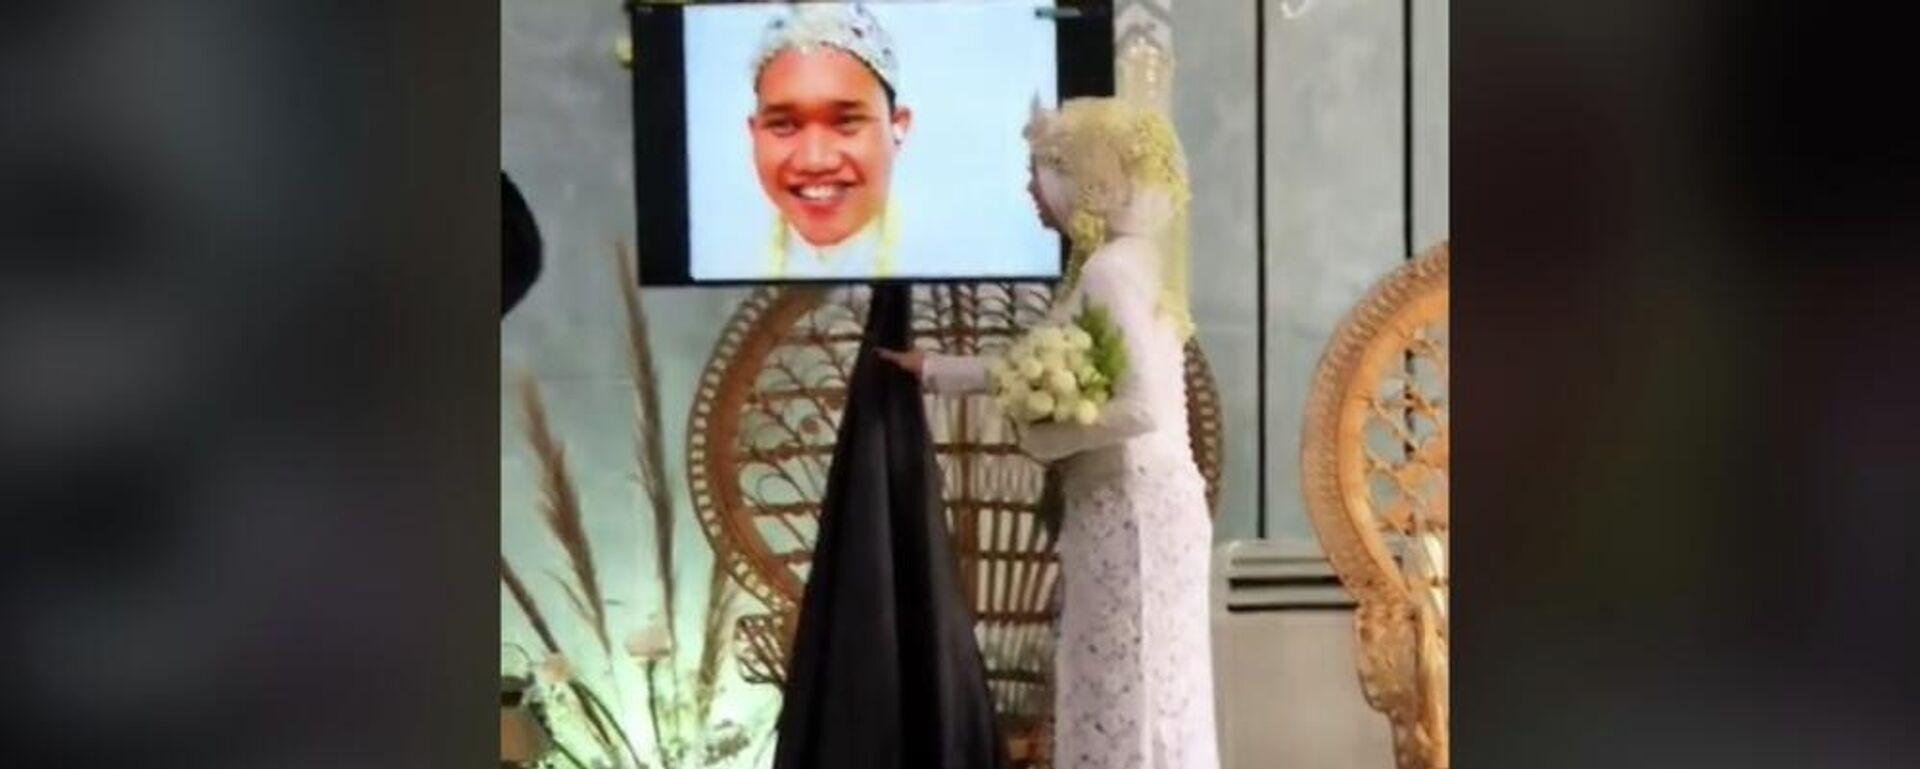 Γαμπρός στην Ινδονησία κόλλησε κορονοϊό κι έκαναν τον γάμο χωρίς αυτόν  - Sputnik Ελλάδα, 1920, 11.08.2021